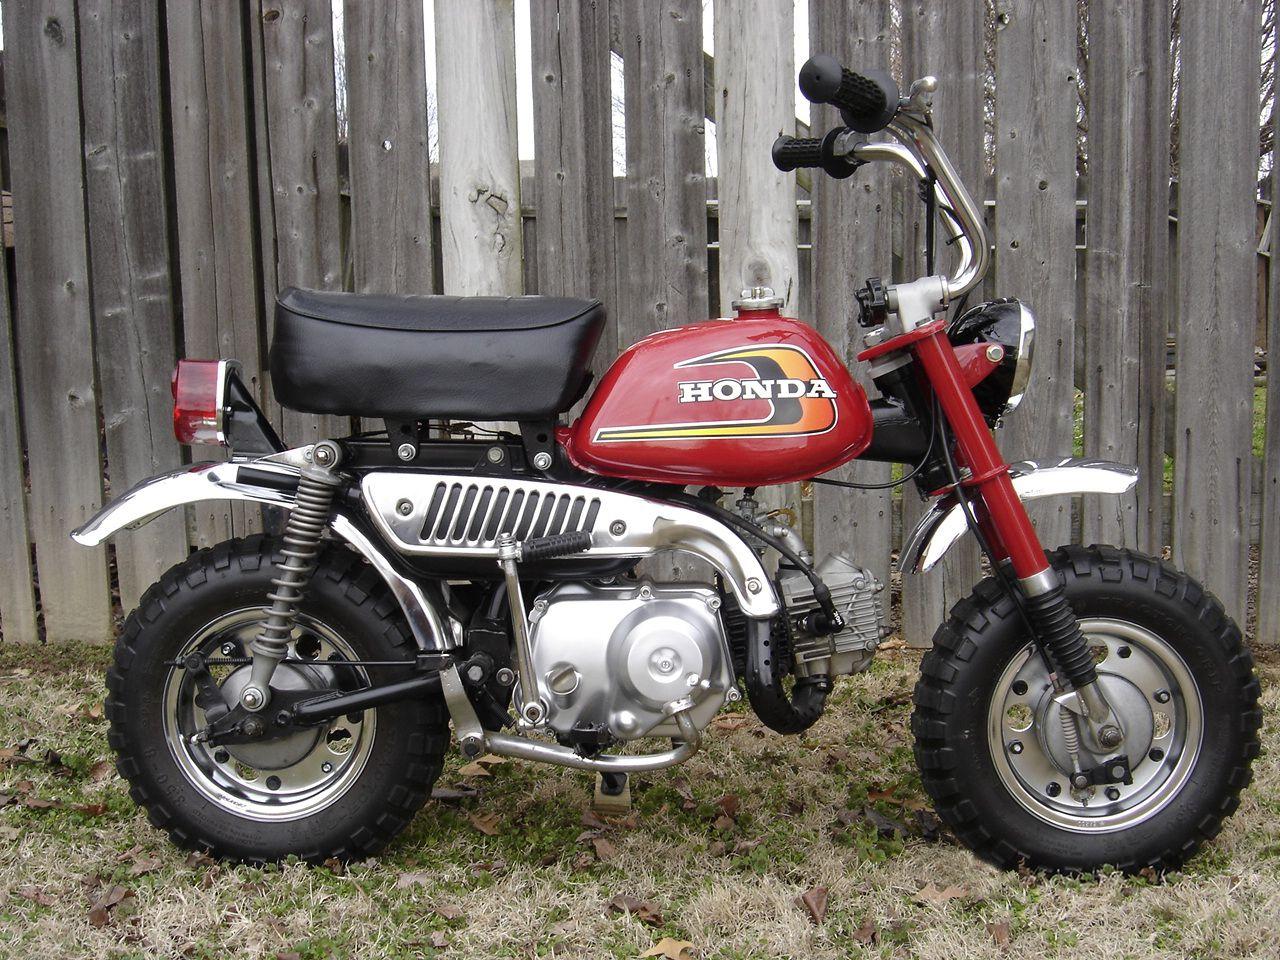 Honda Z50  The Honda Z